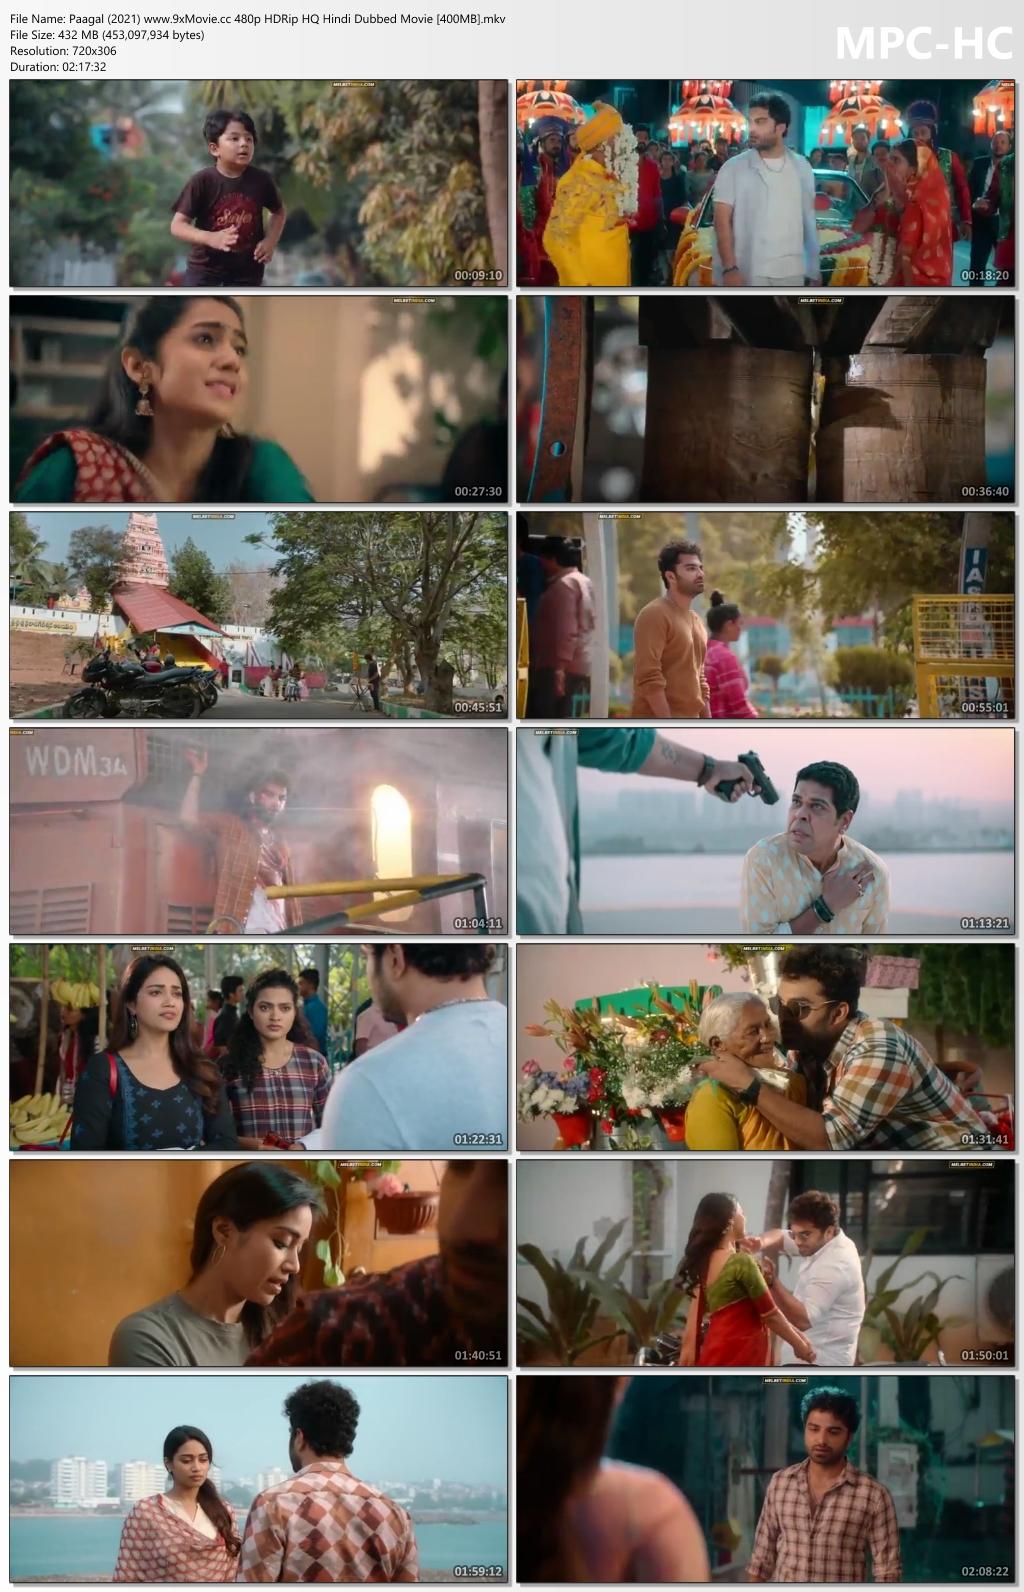 Paagal-2021-www-9x-Movie-cc-480p-HDRip-HQ-Hindi-Dubbed-Movie-400-MB-mkv